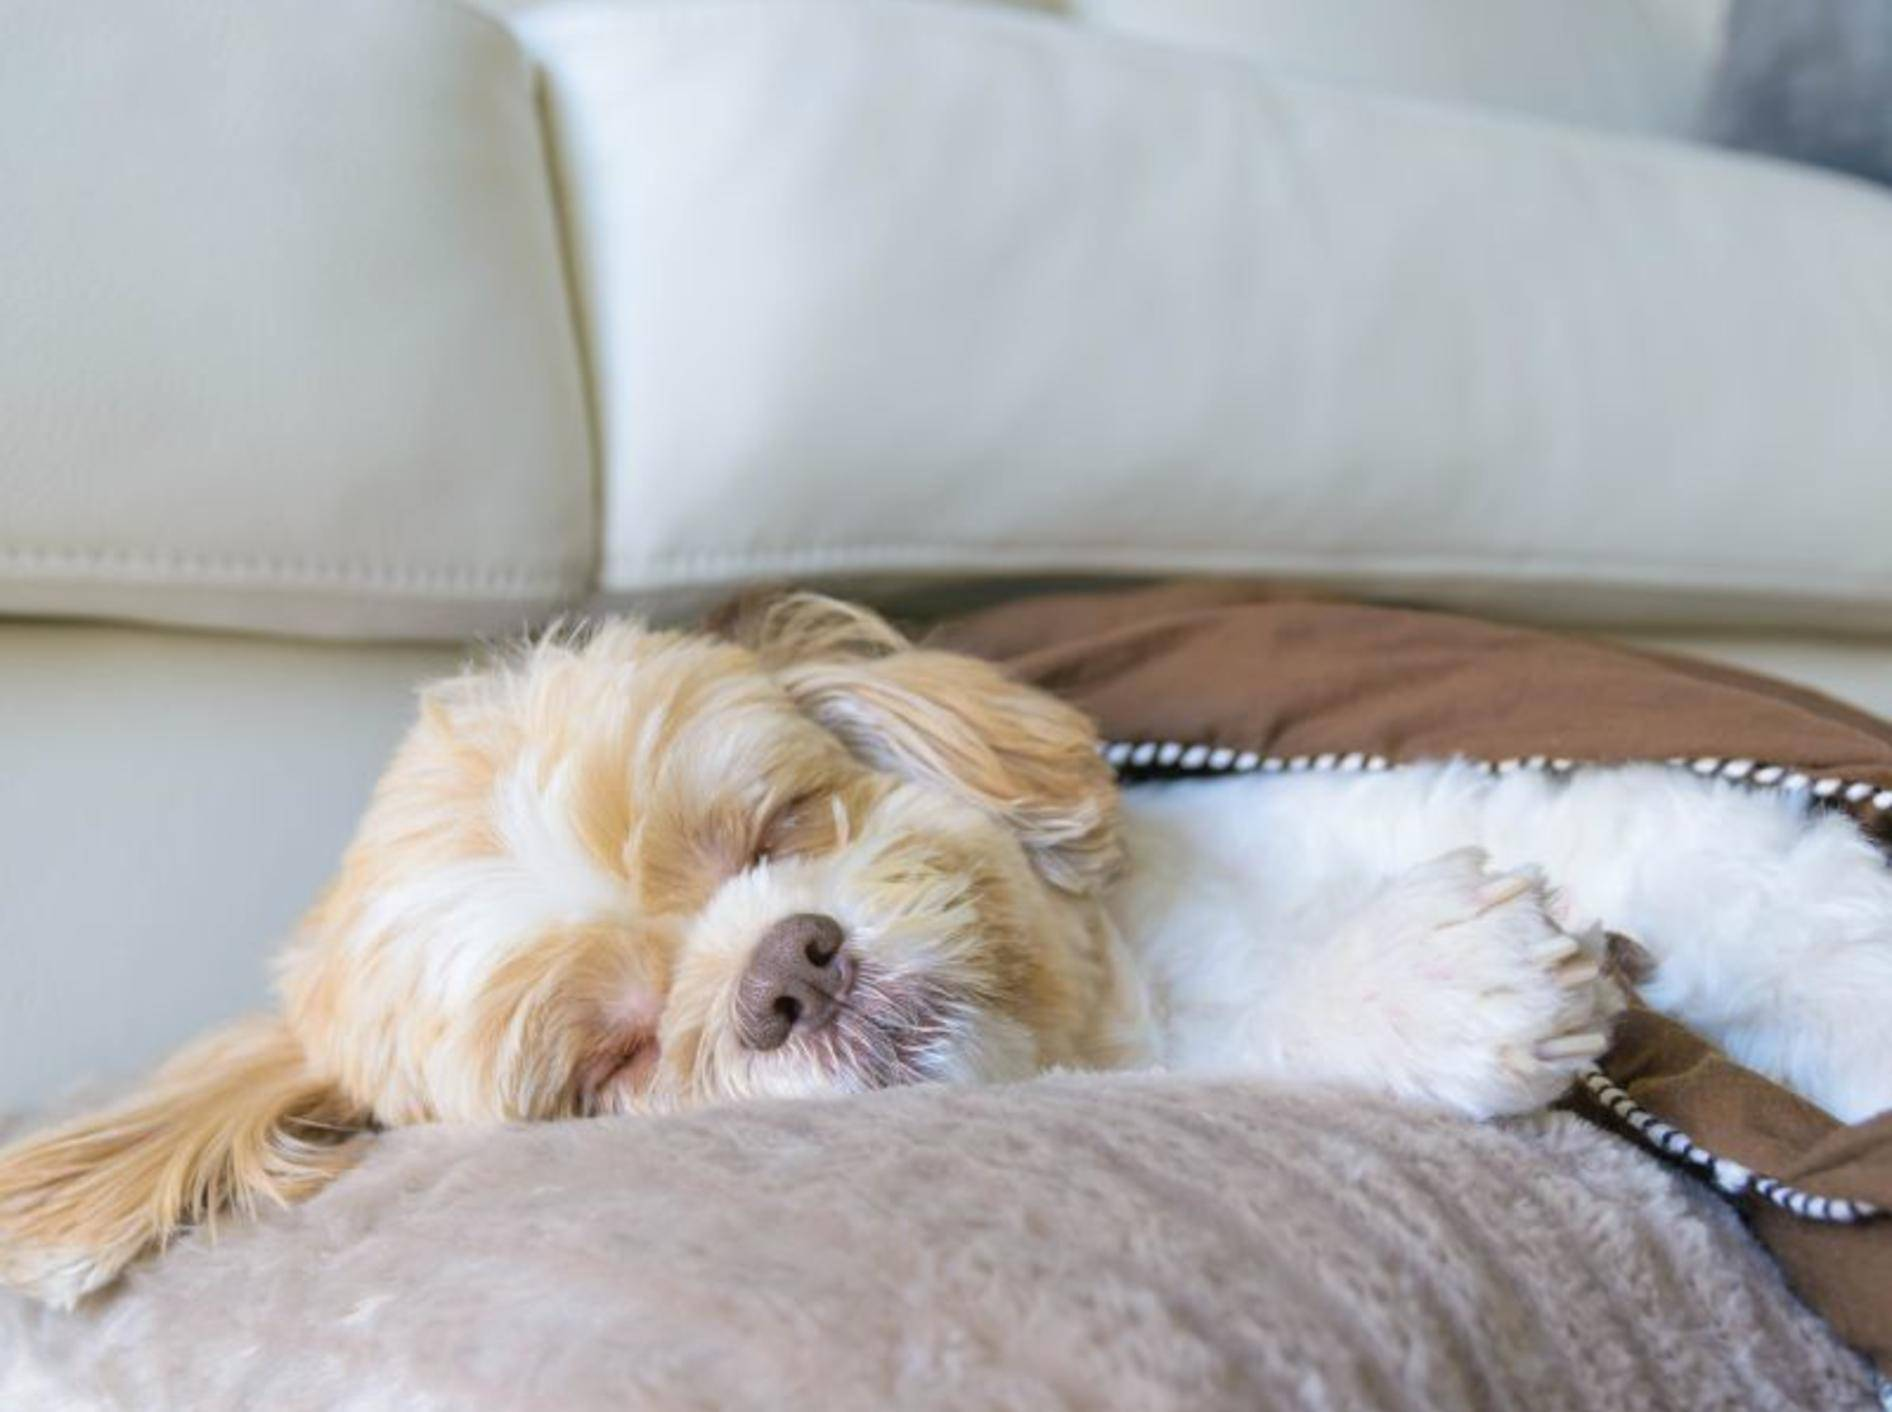 Hundekorb im Zimmer: Im Hunde-Hotel selbstverständlich – Bild: Shutterstock / Joy_enjoy